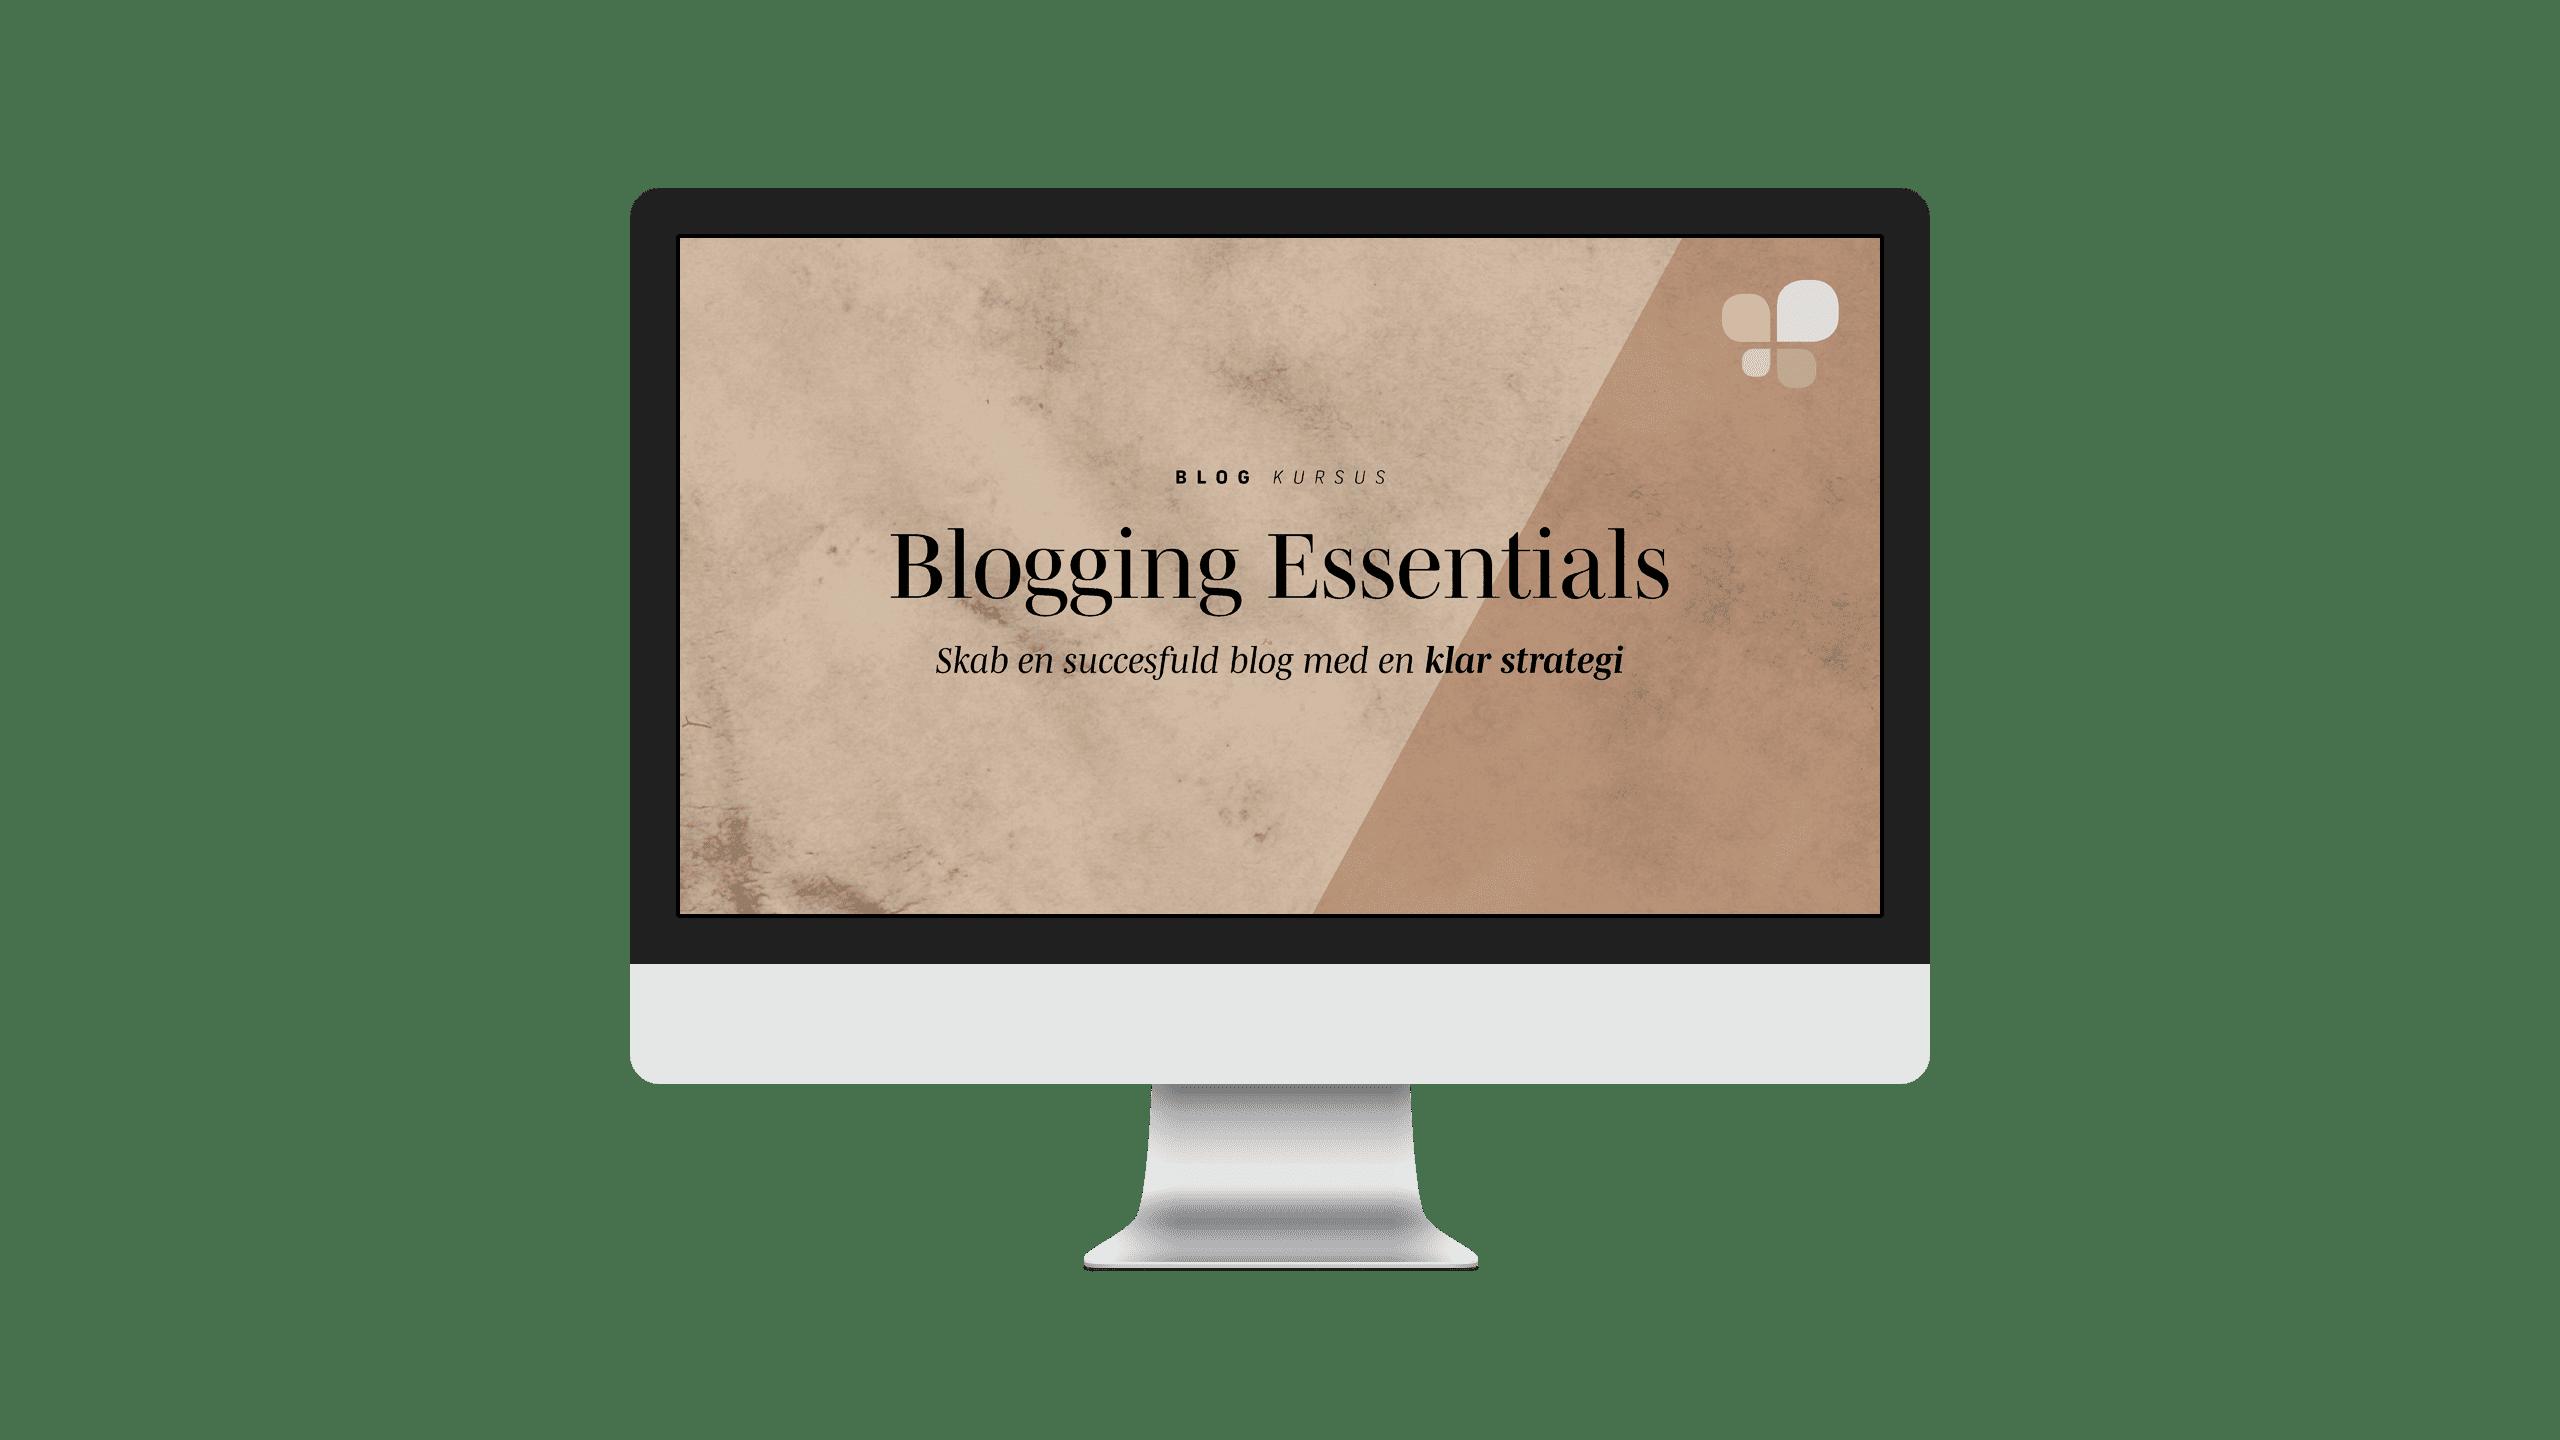 Blogkursus